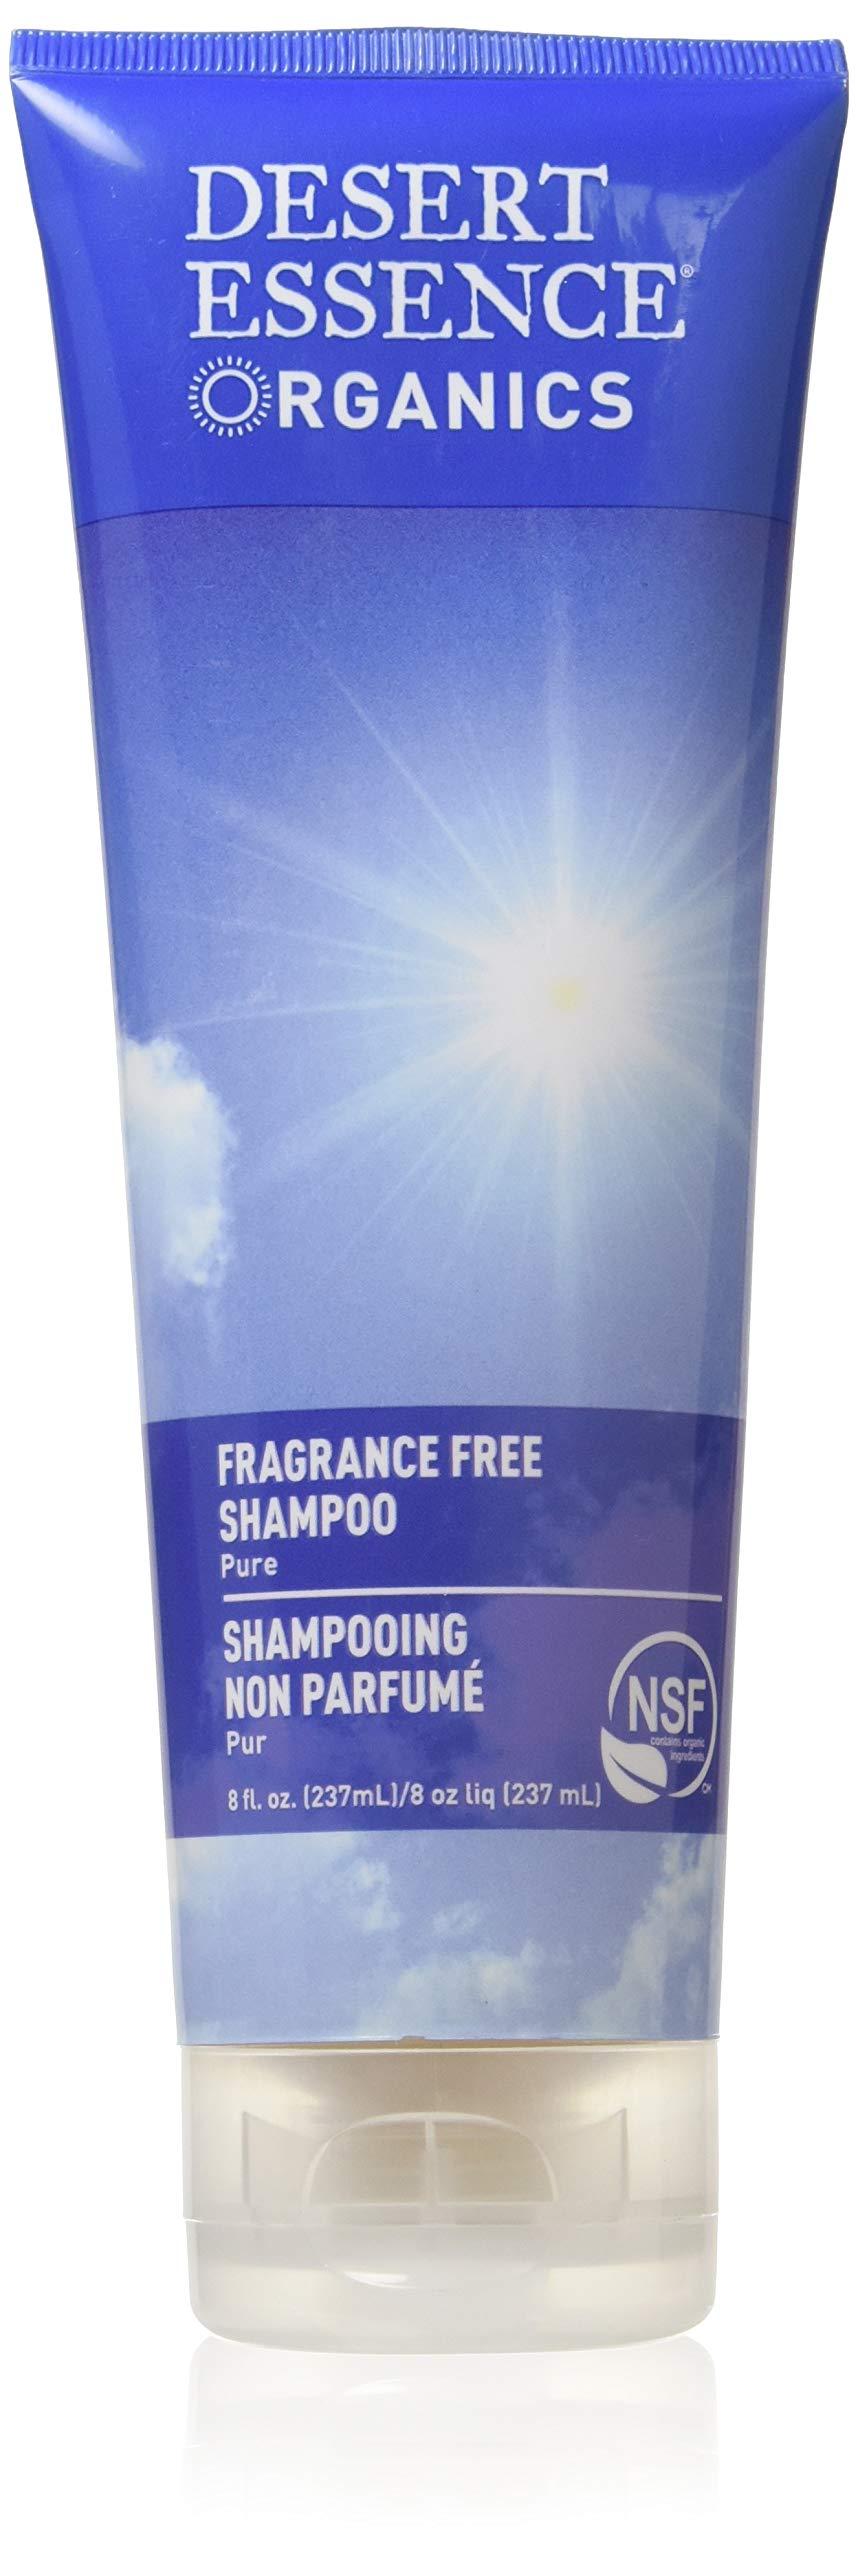 Organics Fragrance Free Shampoo - 8 fl oz